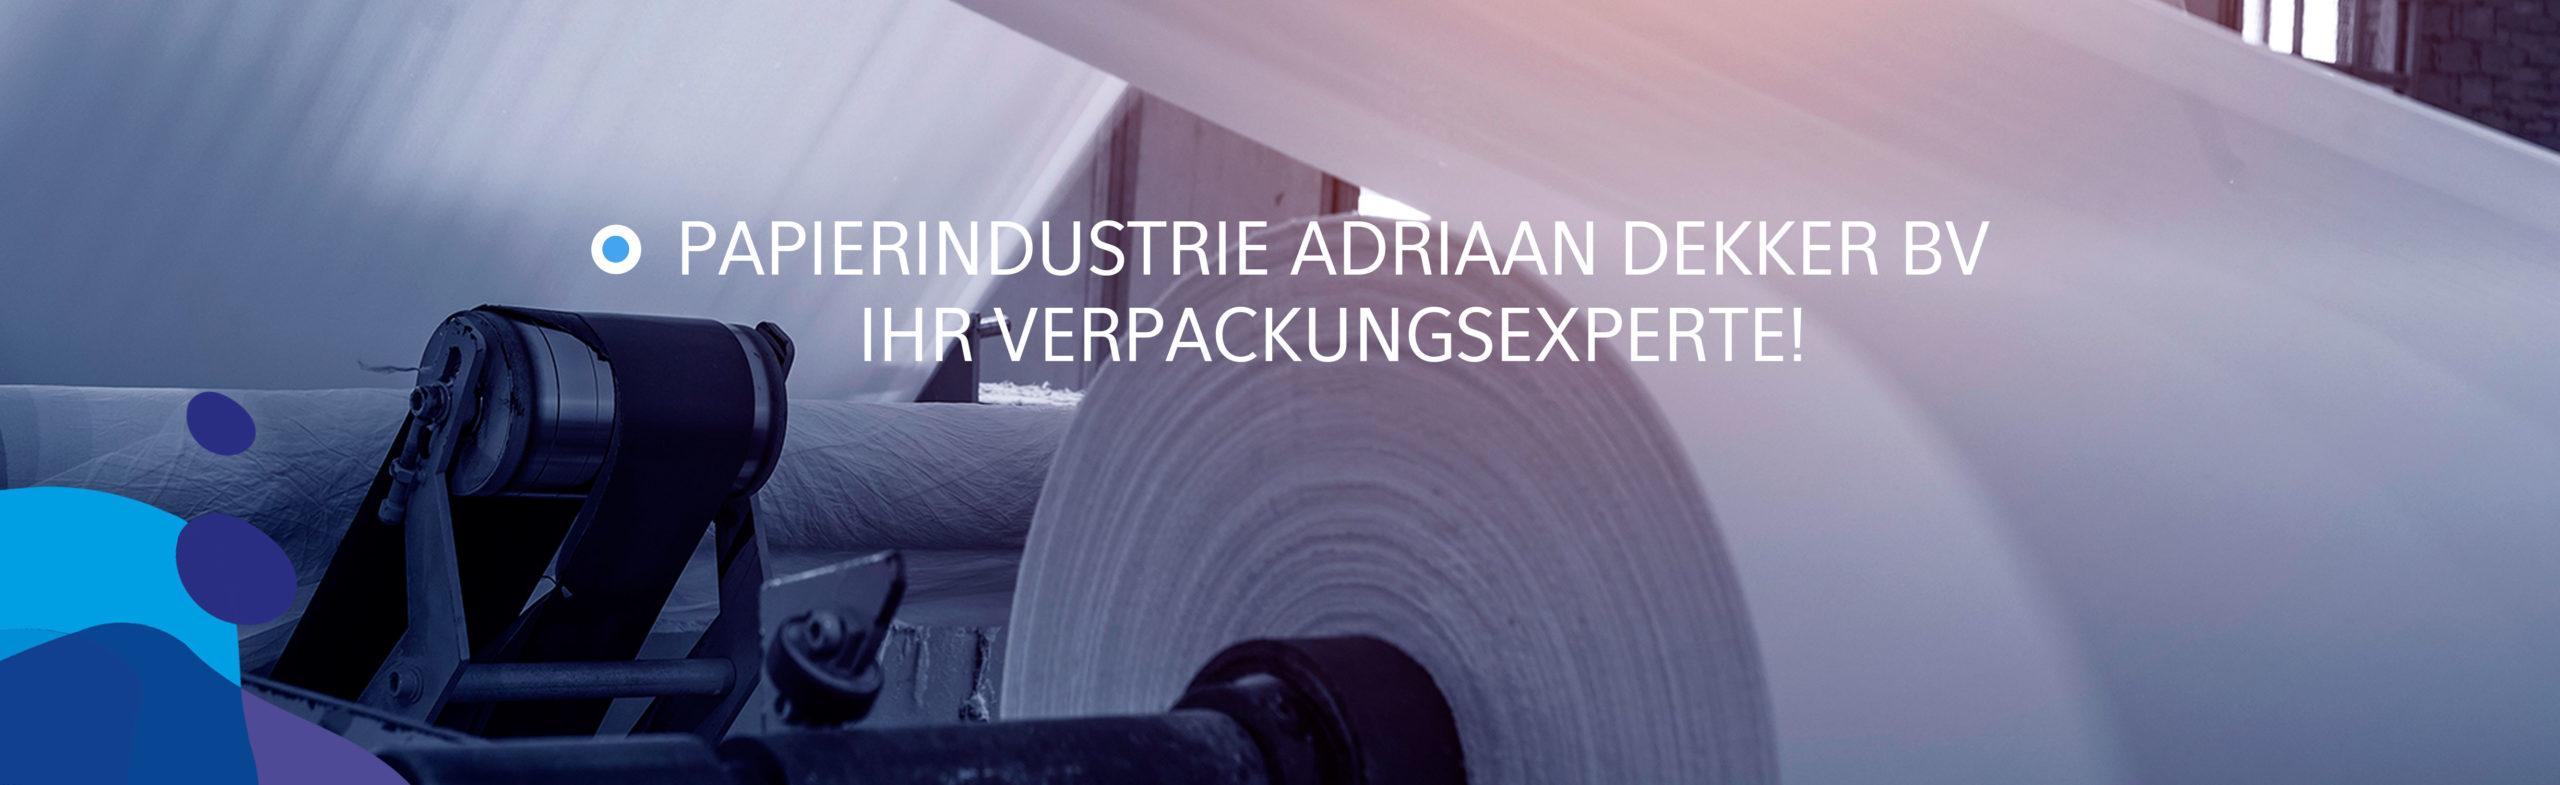 Papierindustrie Adriaan Dekker BV